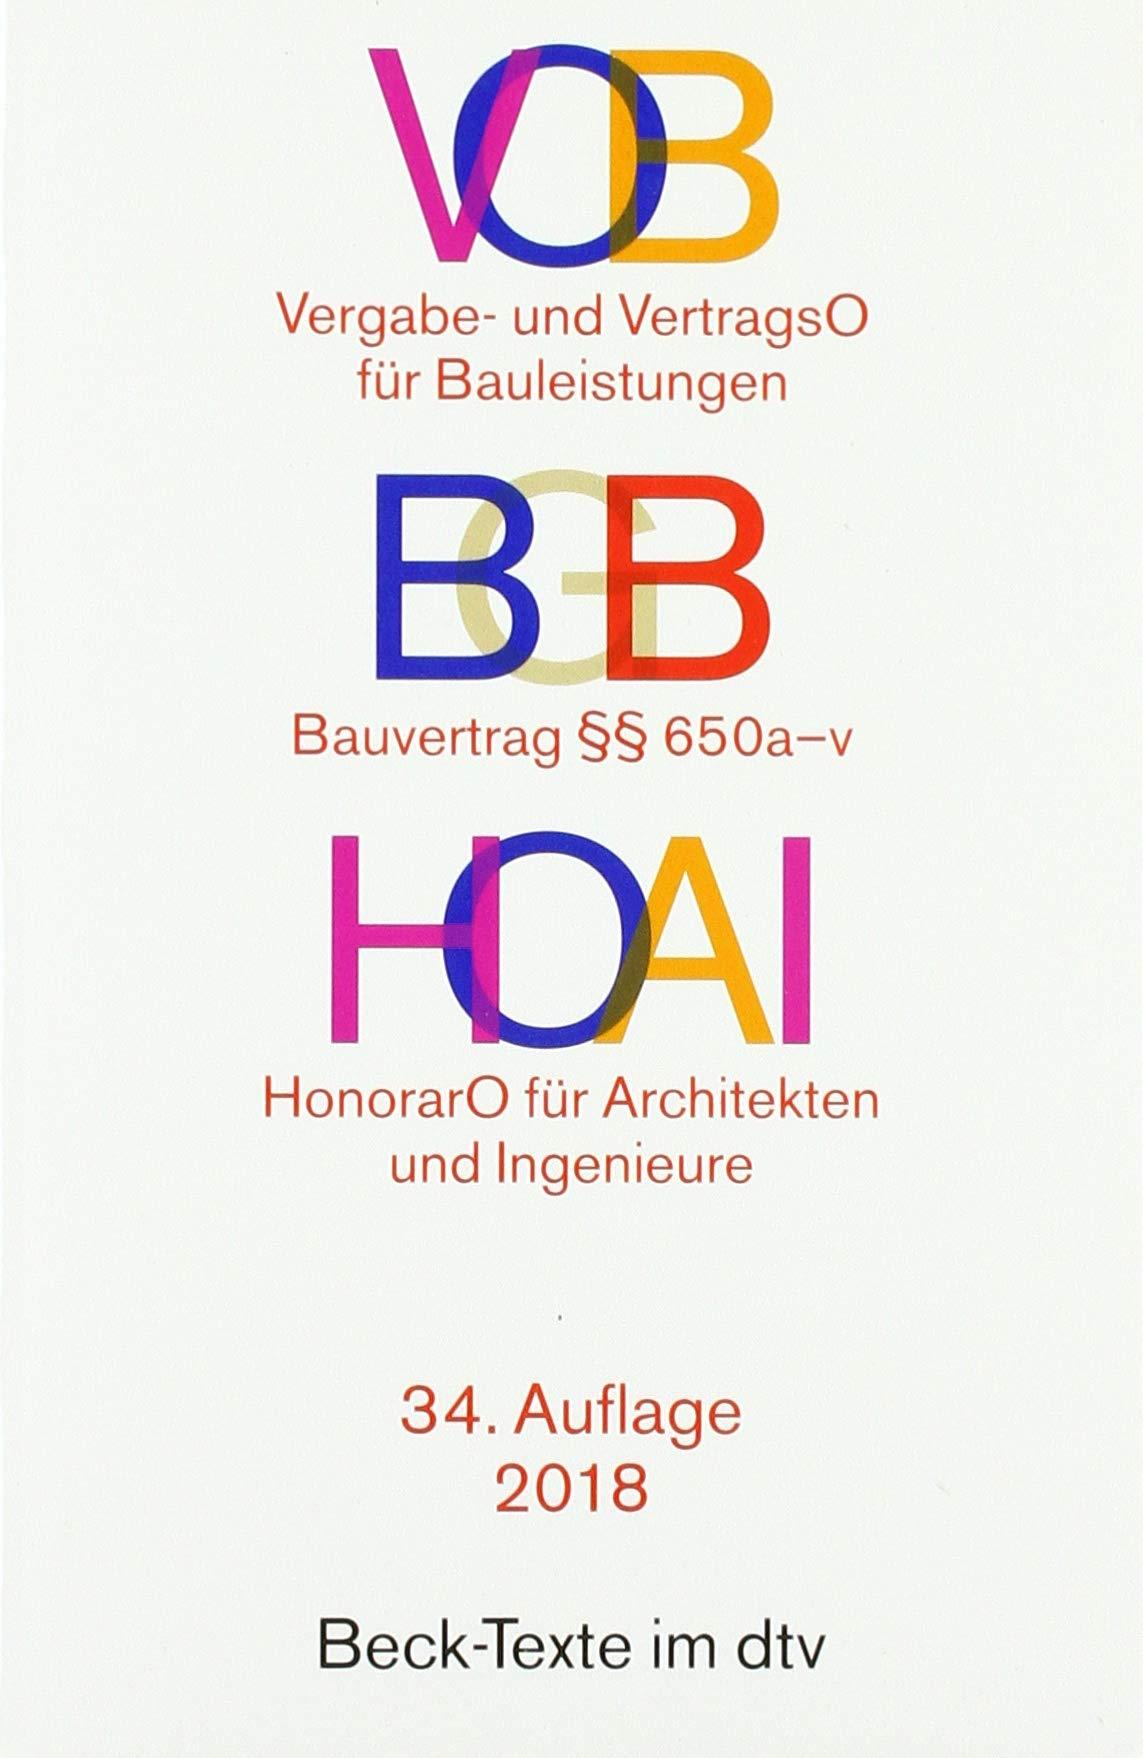 VOB   BGB Bauvertrag   HOAI  Vergabe  Und Vertragsordnung Für Bauleistungen Teil A Und B   Bauvertrag §§ 650 A V   Verordnung über Honorare Für ... Der Ingenieure   Rechtsstand  1. Januar 2018